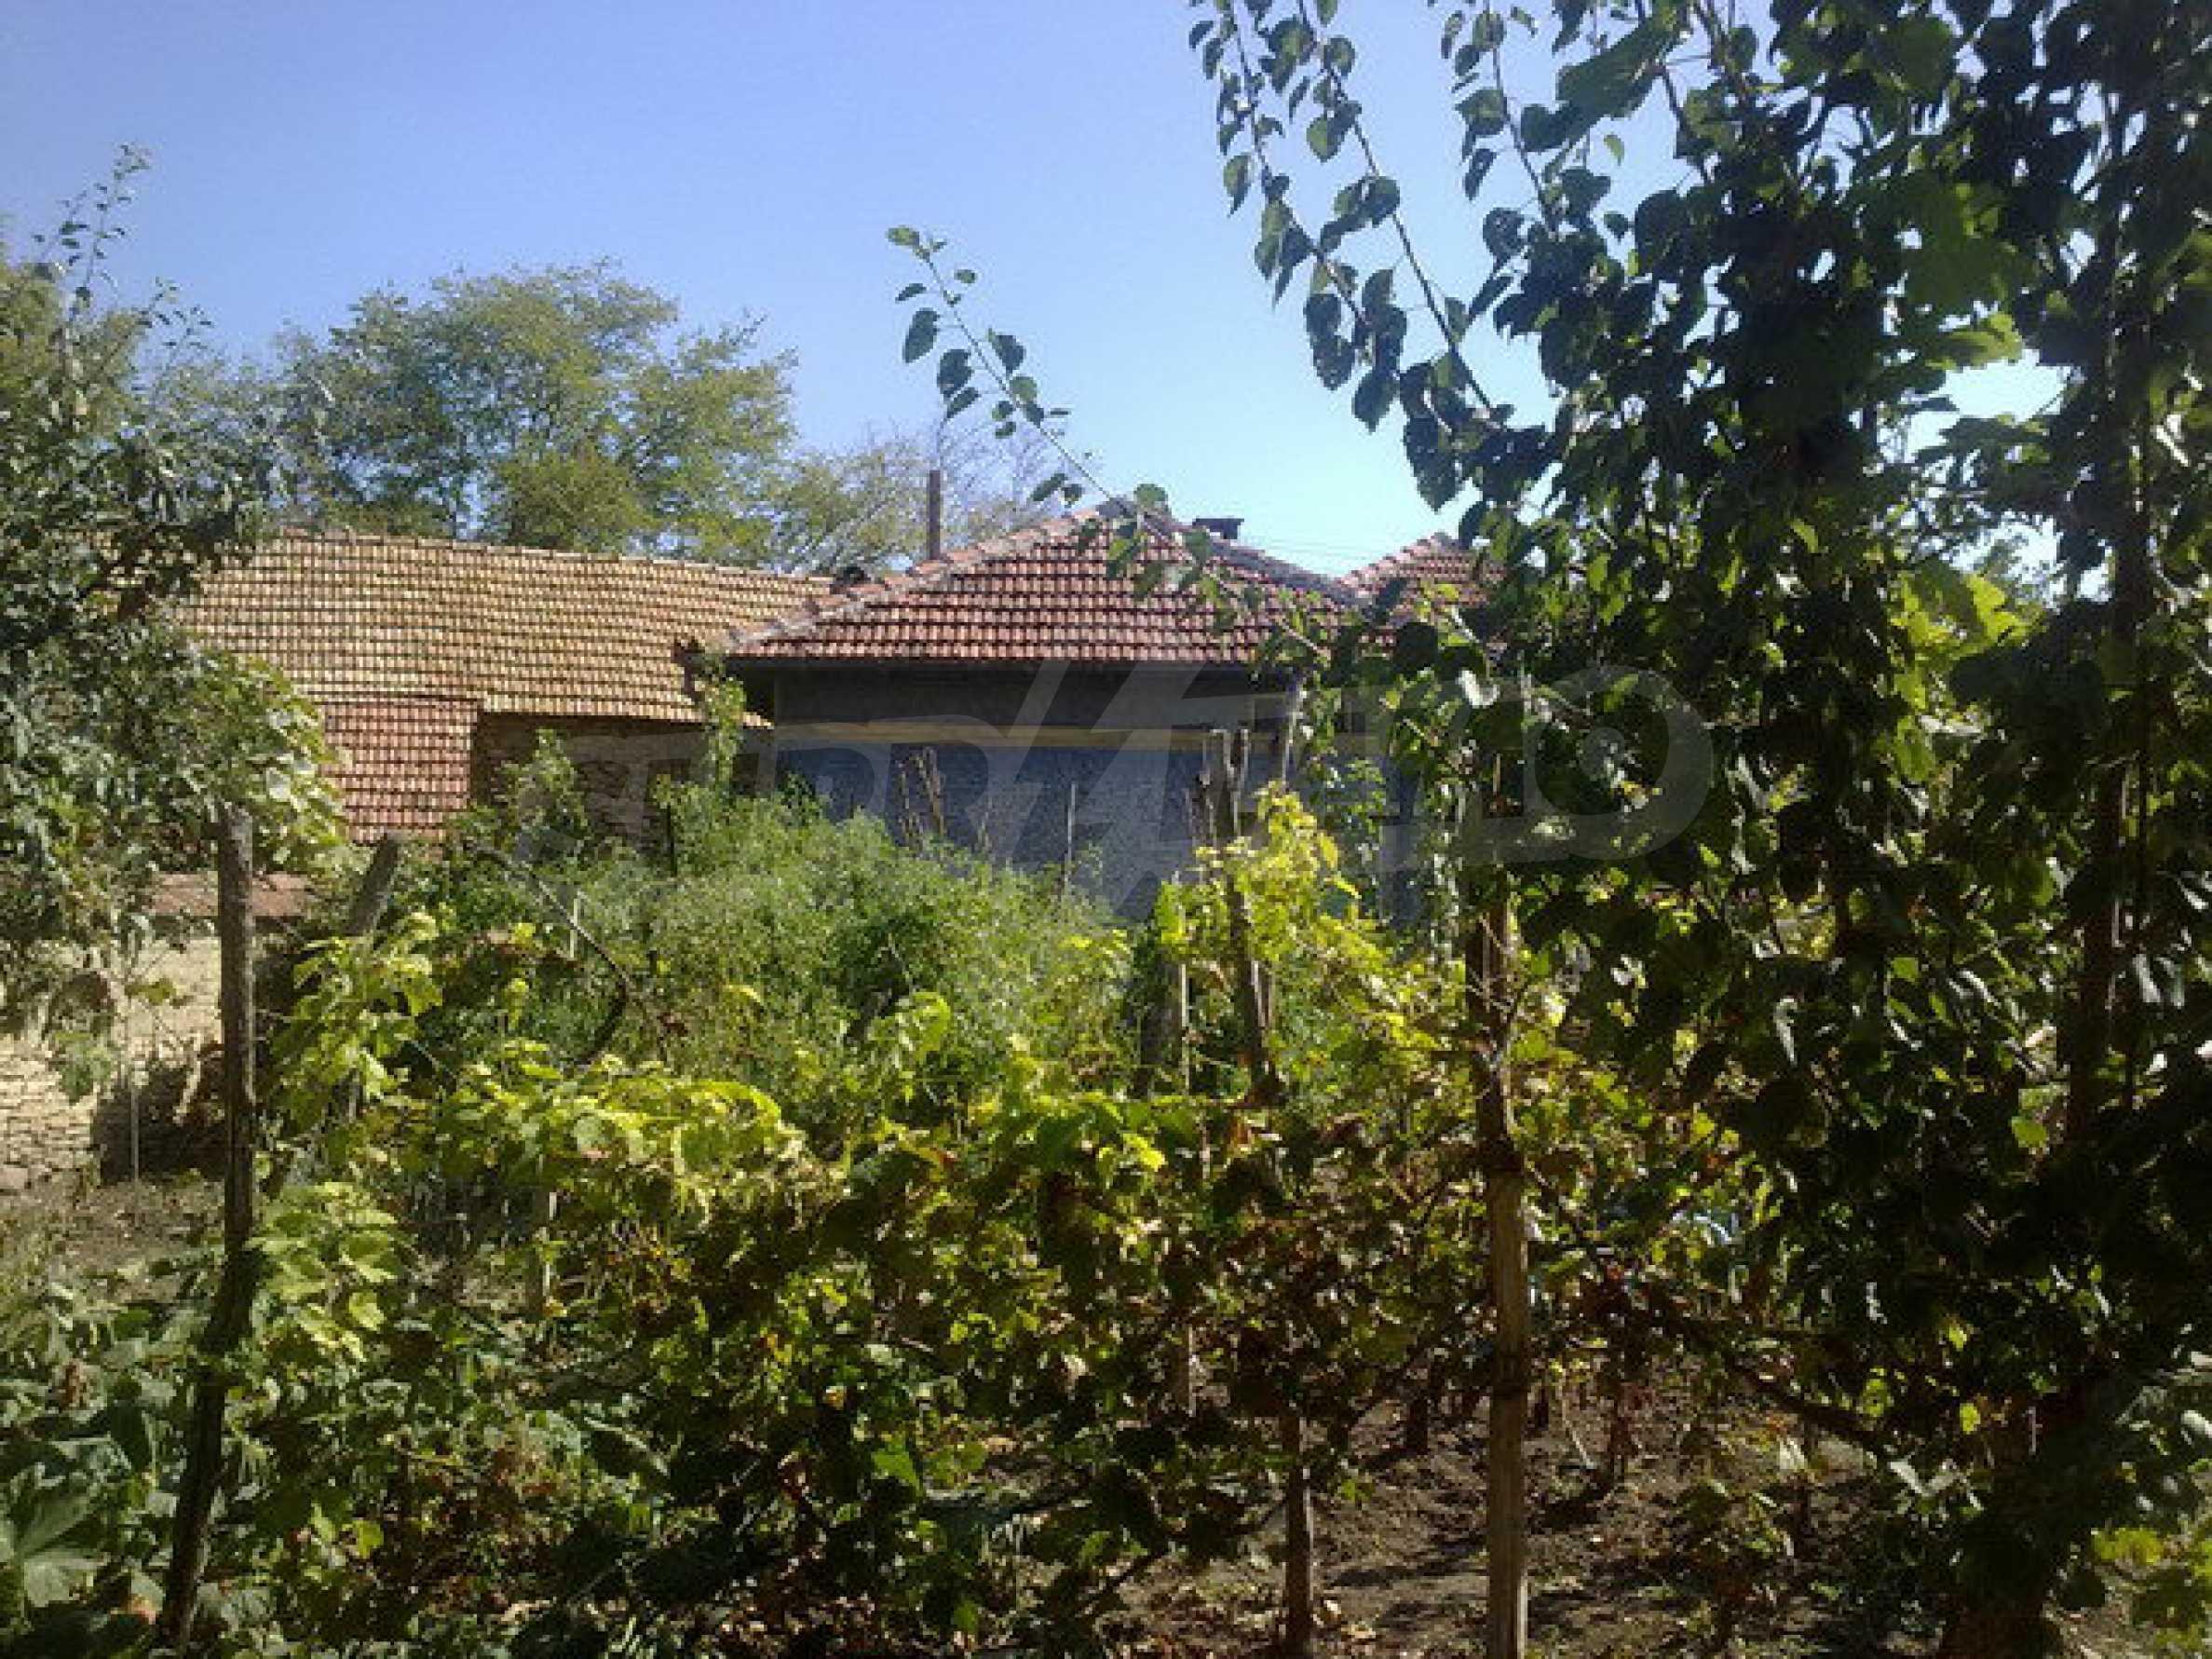 Schönes Haus in einem großen Dorf 3